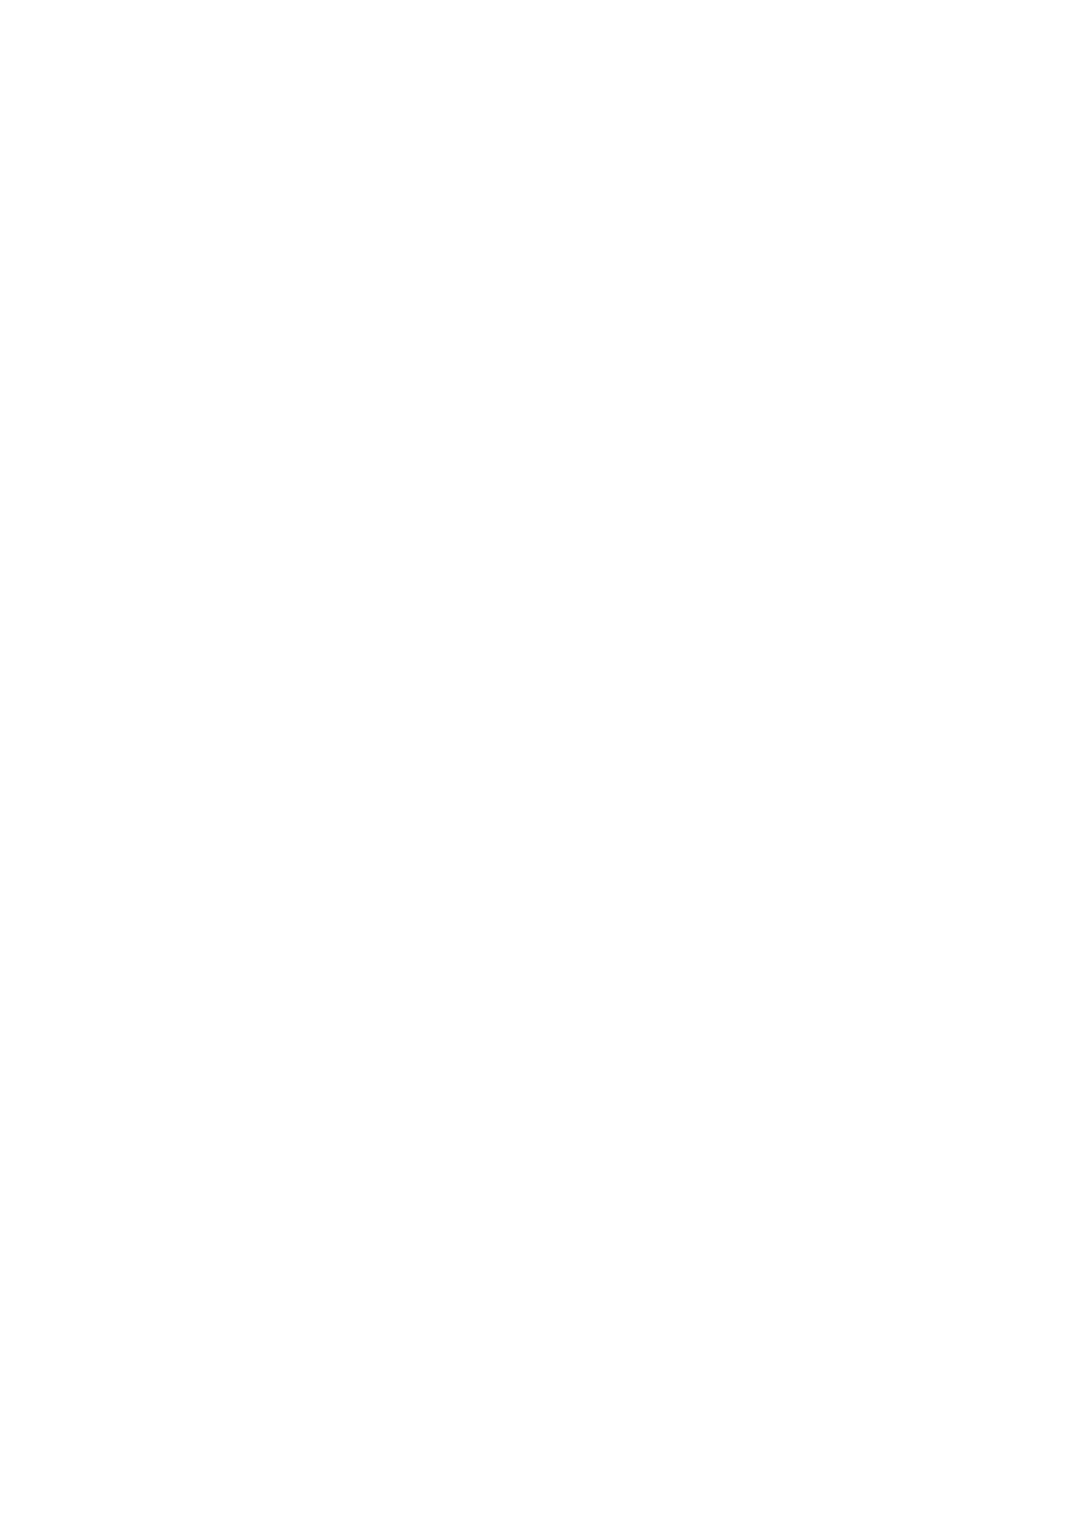 【艦これエロ漫画】前の提督に性のはけ口とされていた影響で心を閉ざしてしまった浜風。しかし新提督に優しくされるにつれ、彼に心を許すようになりイチャラブセックスへと発展する。処女な彼女に正常位で生挿入し、中出しフィニッシュ。【うぇ~ぶ】